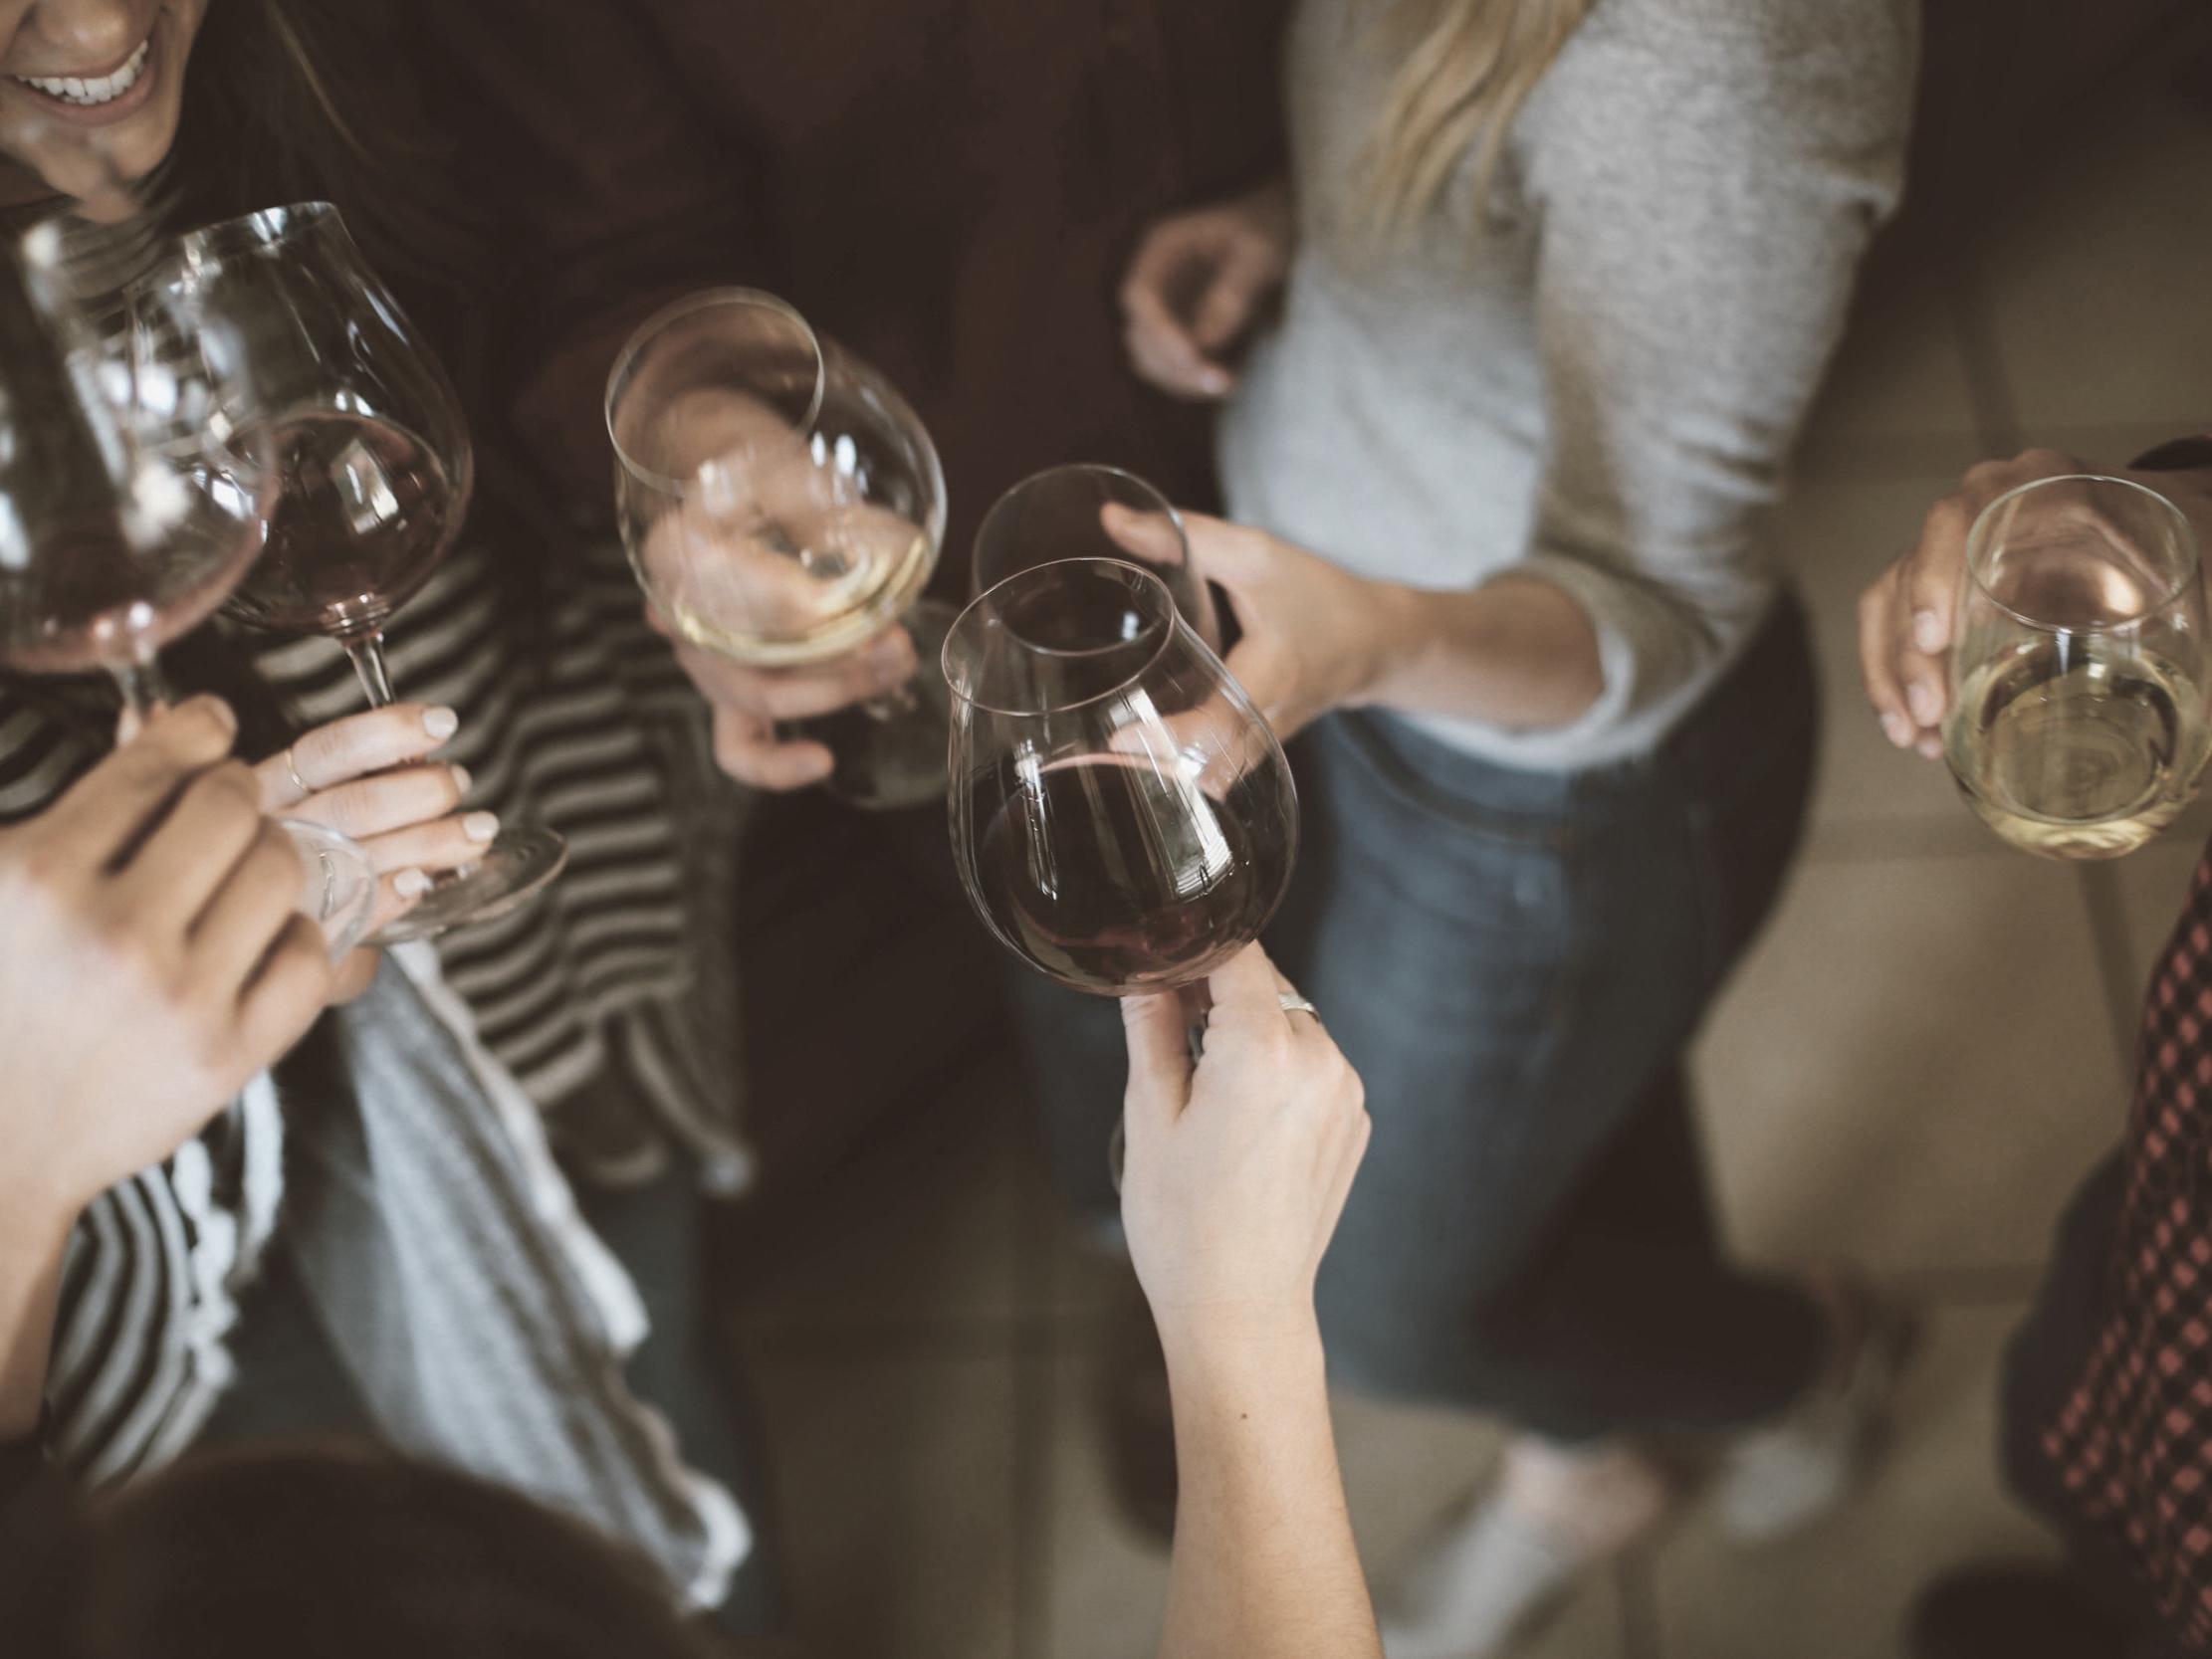 PartY & Events - Für Ihre Einweihungs- oder Dinner Party organisieren wir Catering, Personal, Musik oder auch eine externe Location.